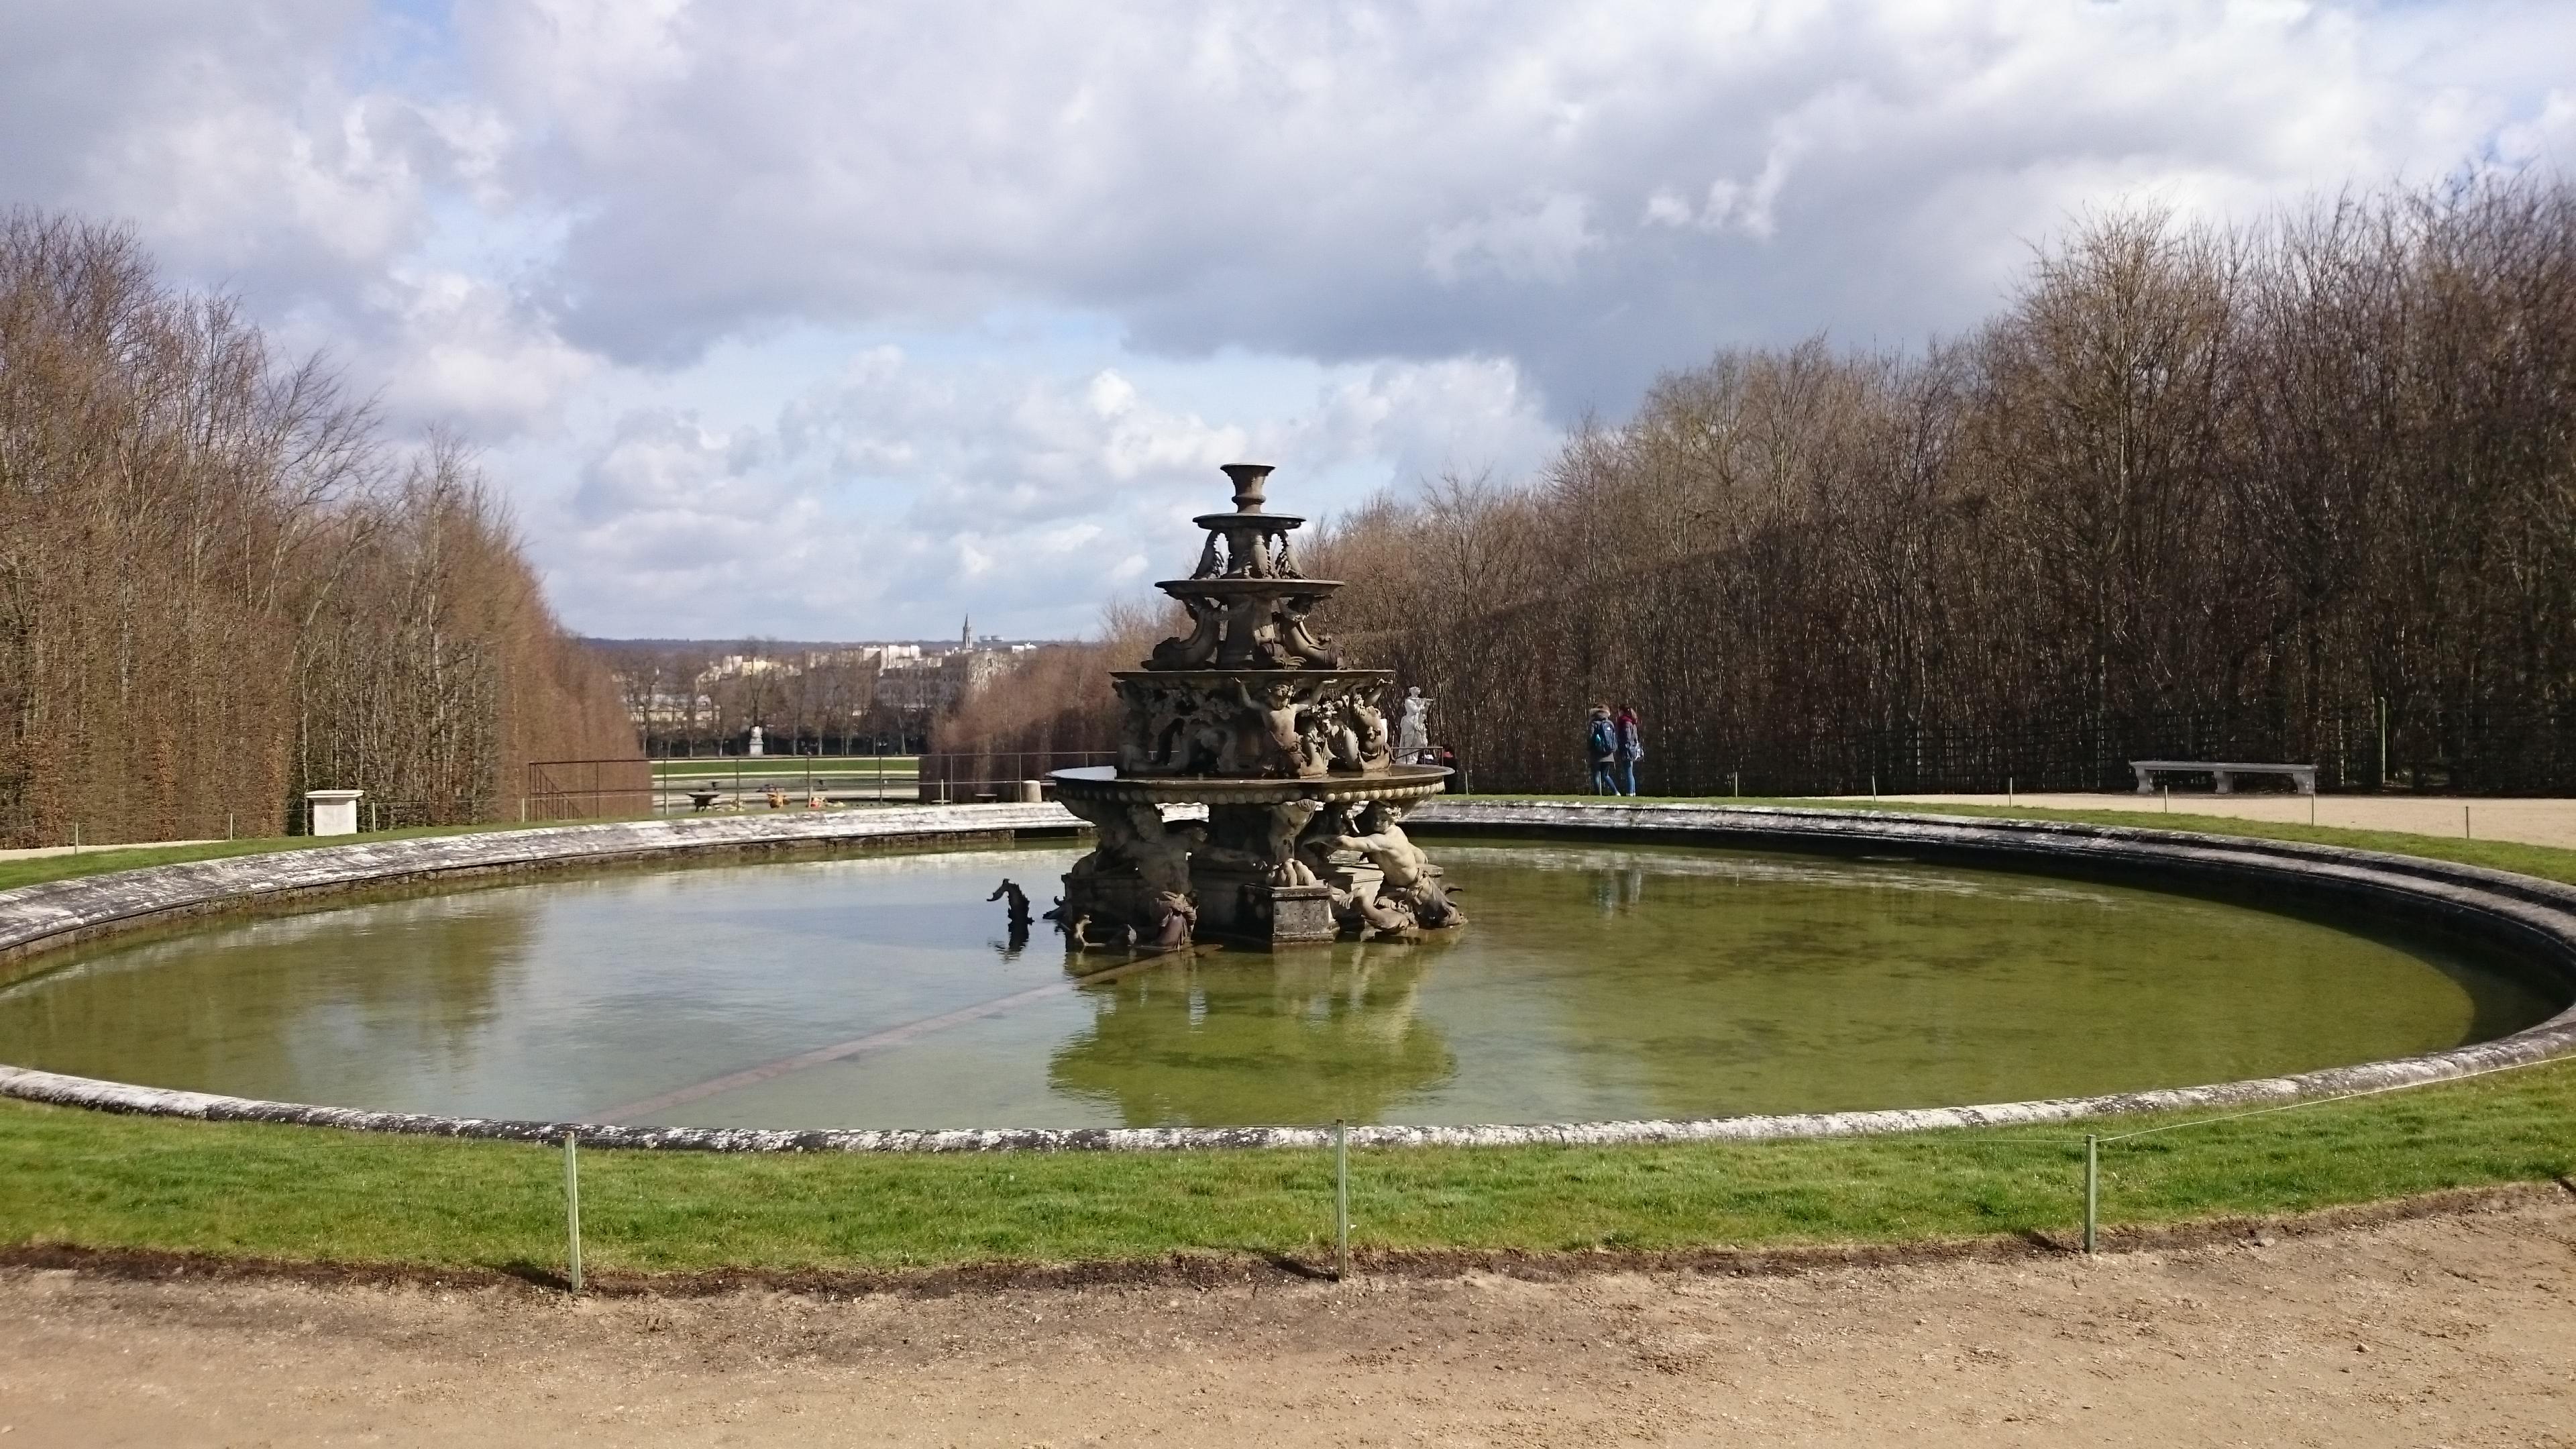 dsc 1155 copia - Visita al Palacio de Versalles: Como ir, cuanto cuesta y tips I/III